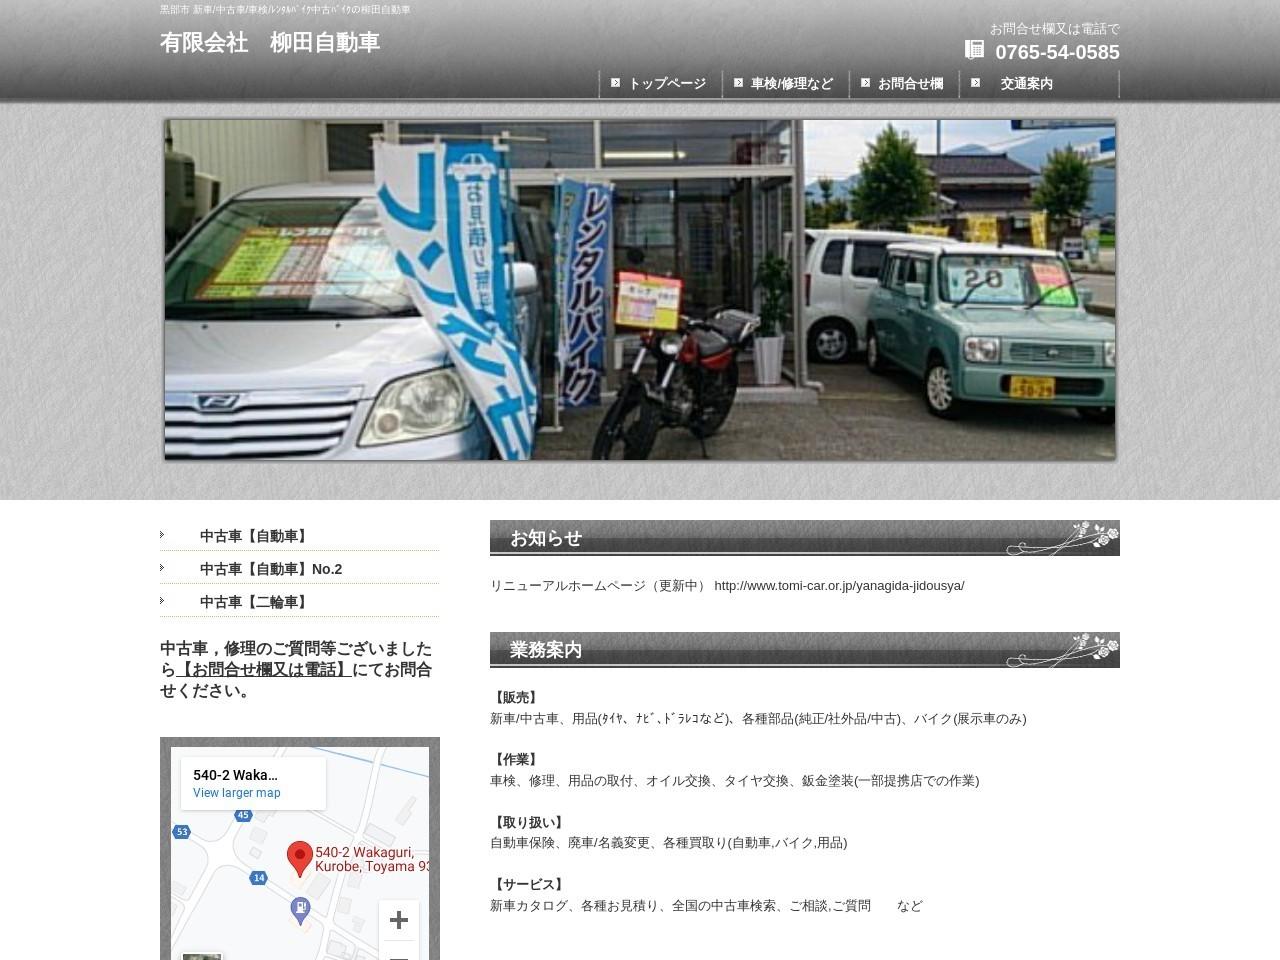 有限会社柳田自動車